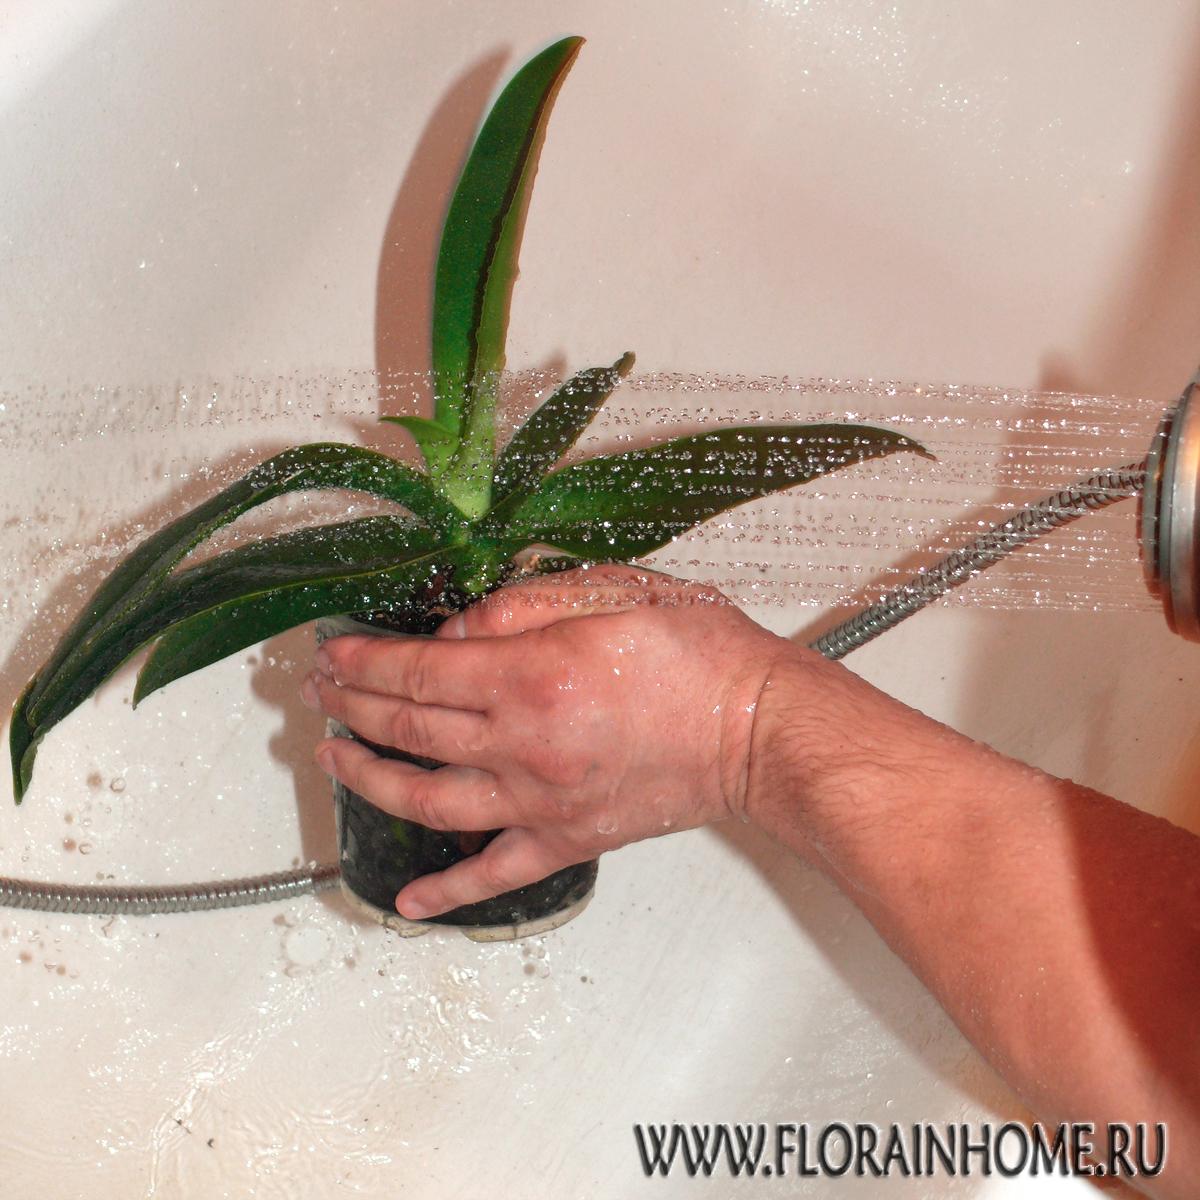 Как сделать горячий душ орхидеям